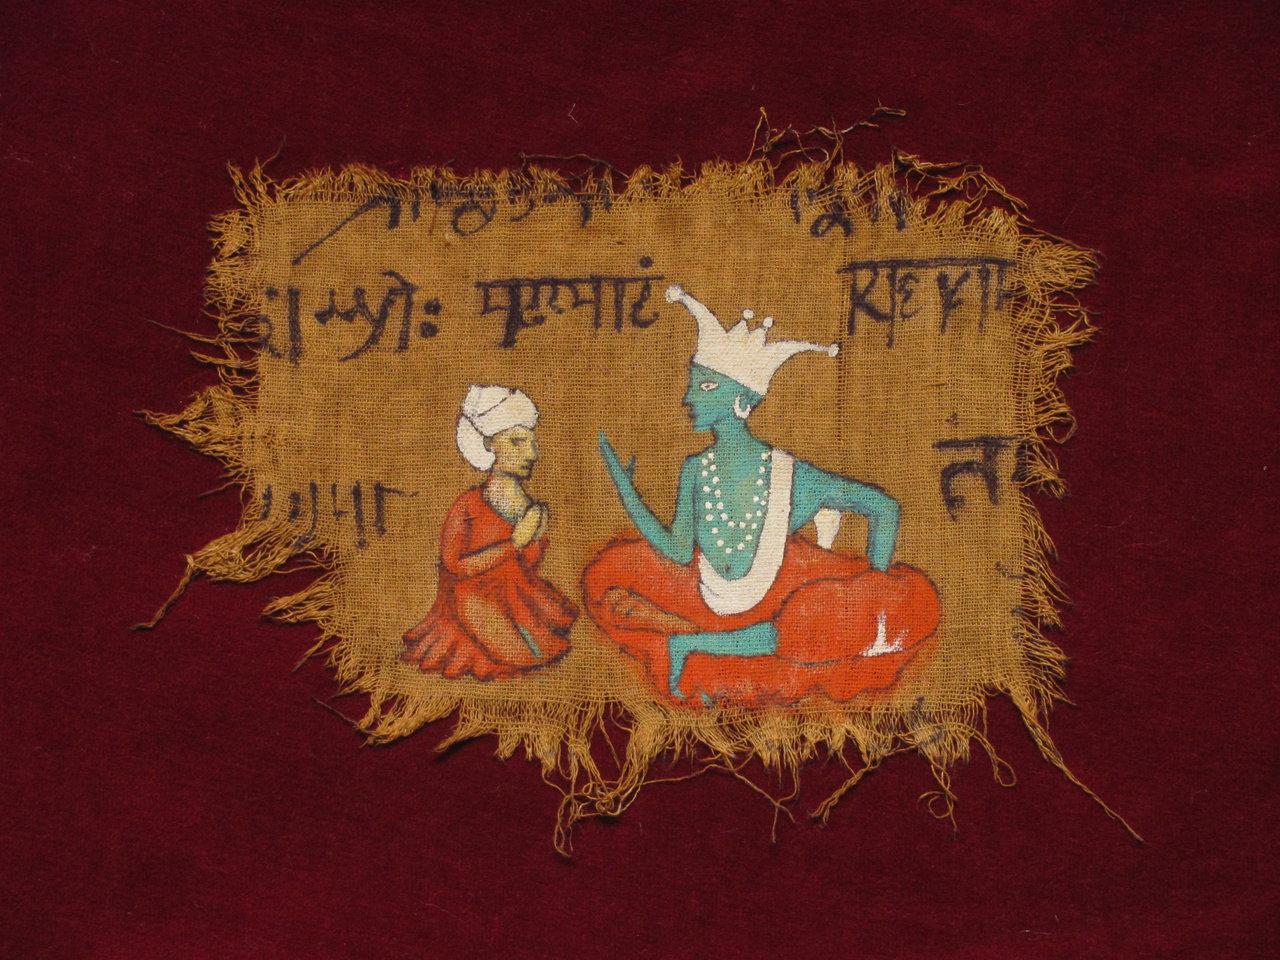 ancient_sanskrit_manuscript__india__c__200_bce_by_victorianspectre-d6t94hr